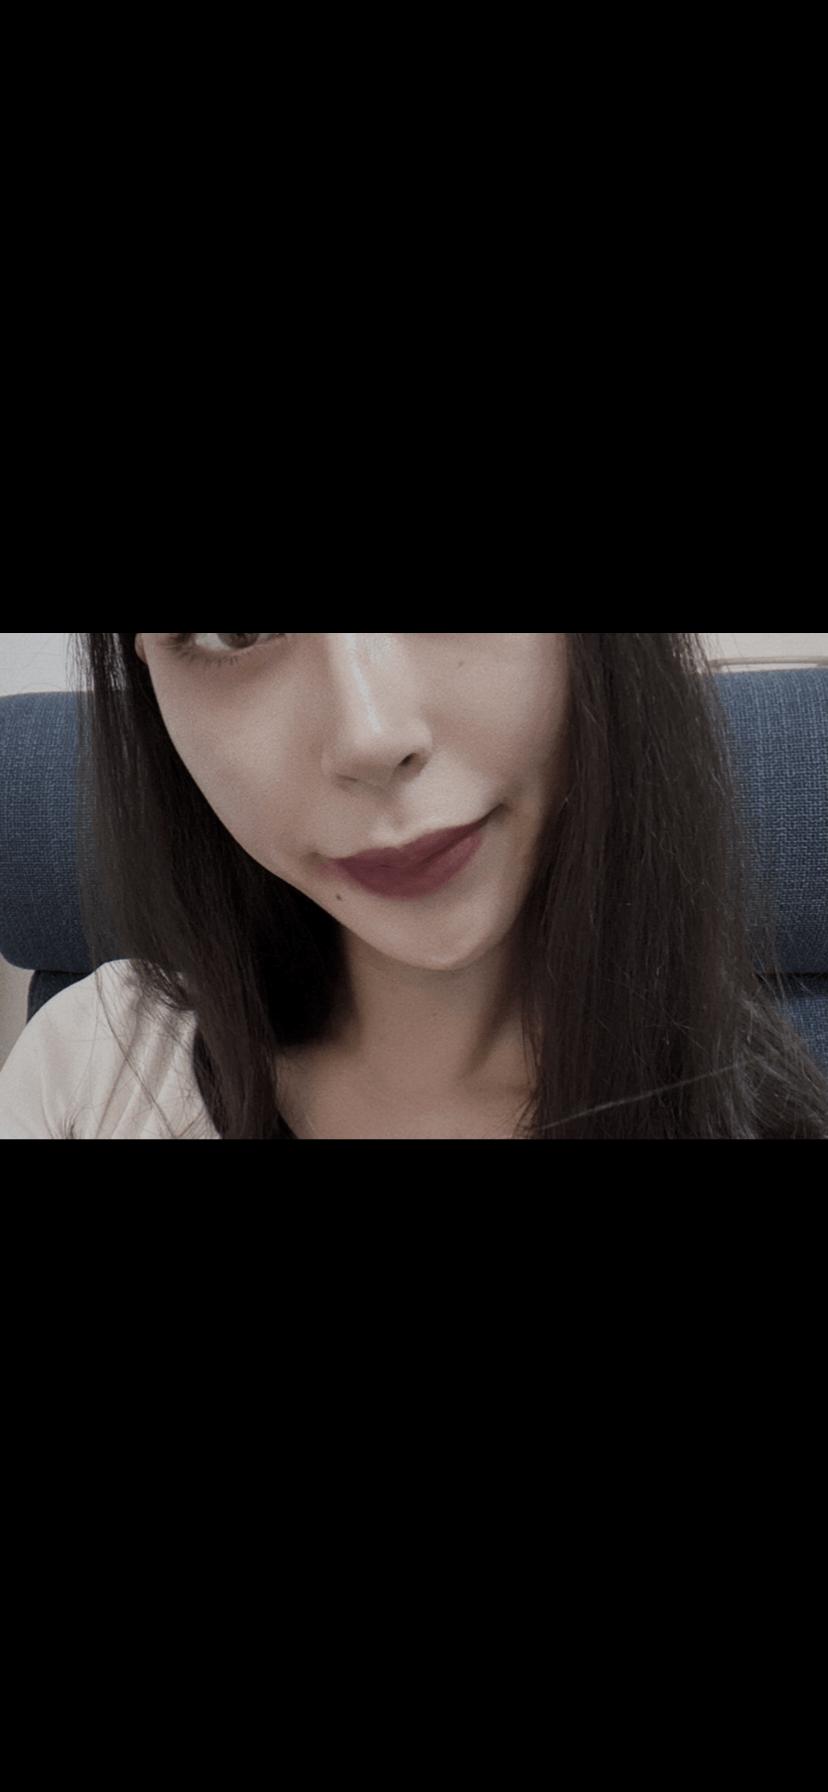 「こんばんは」10/17(日) 17:03   長澤みやびの写メ日記